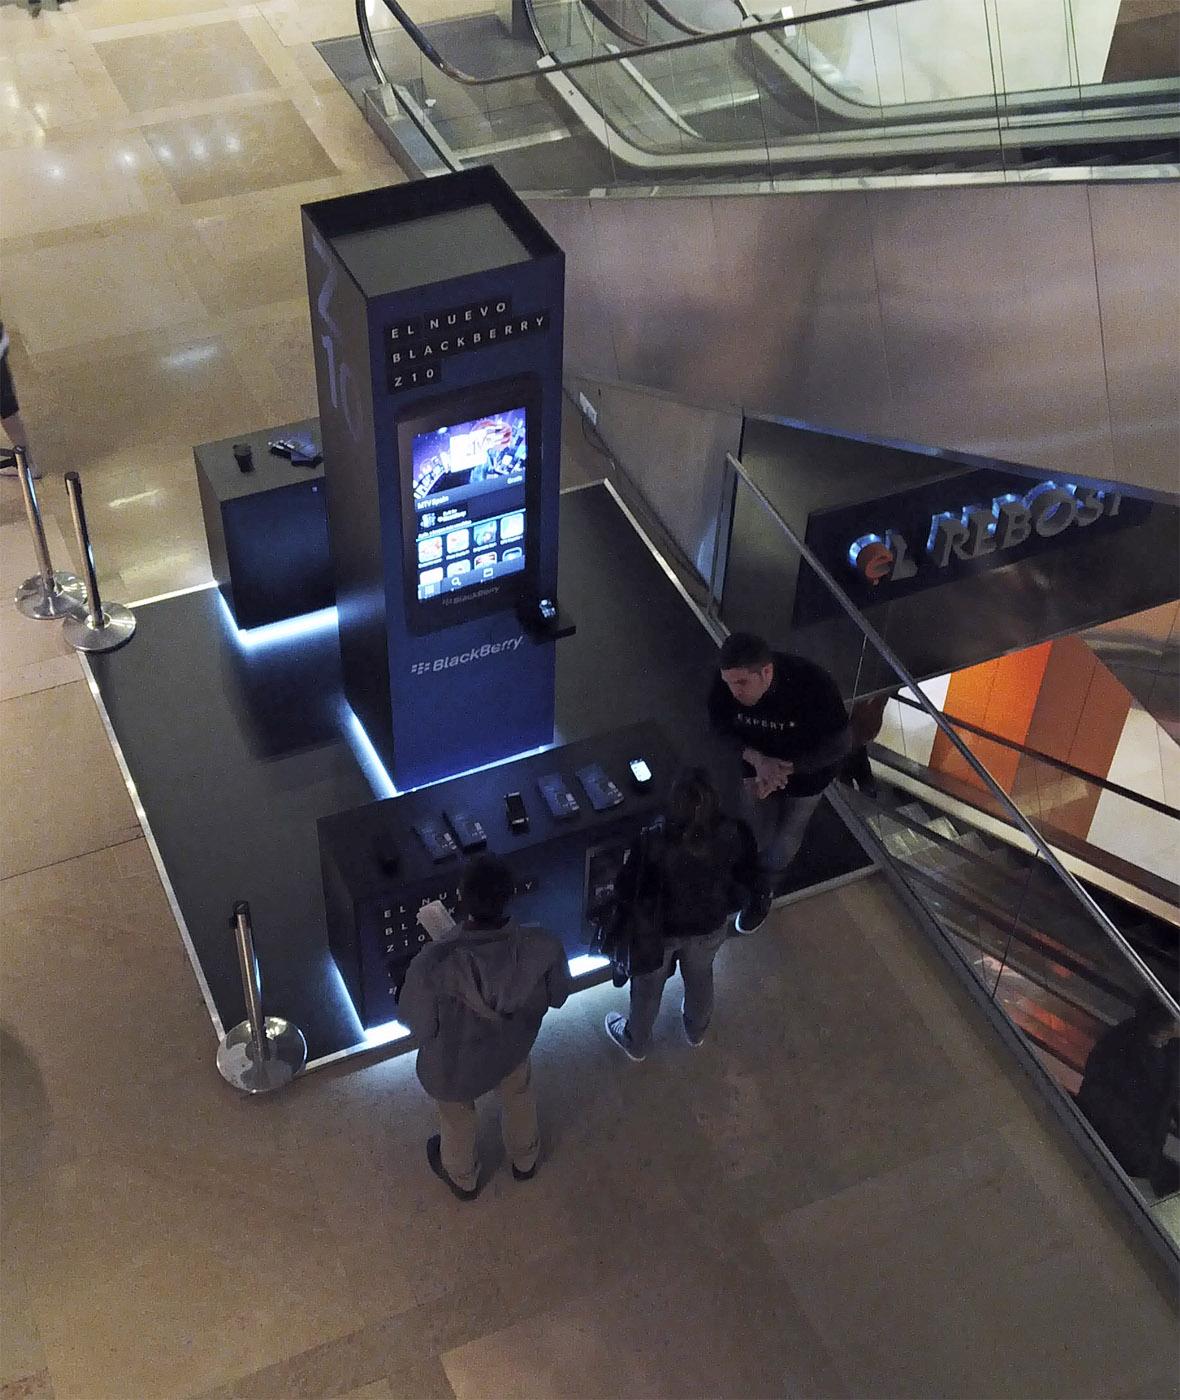 Un lloc de promoció de BlackBerry en un centre comercial